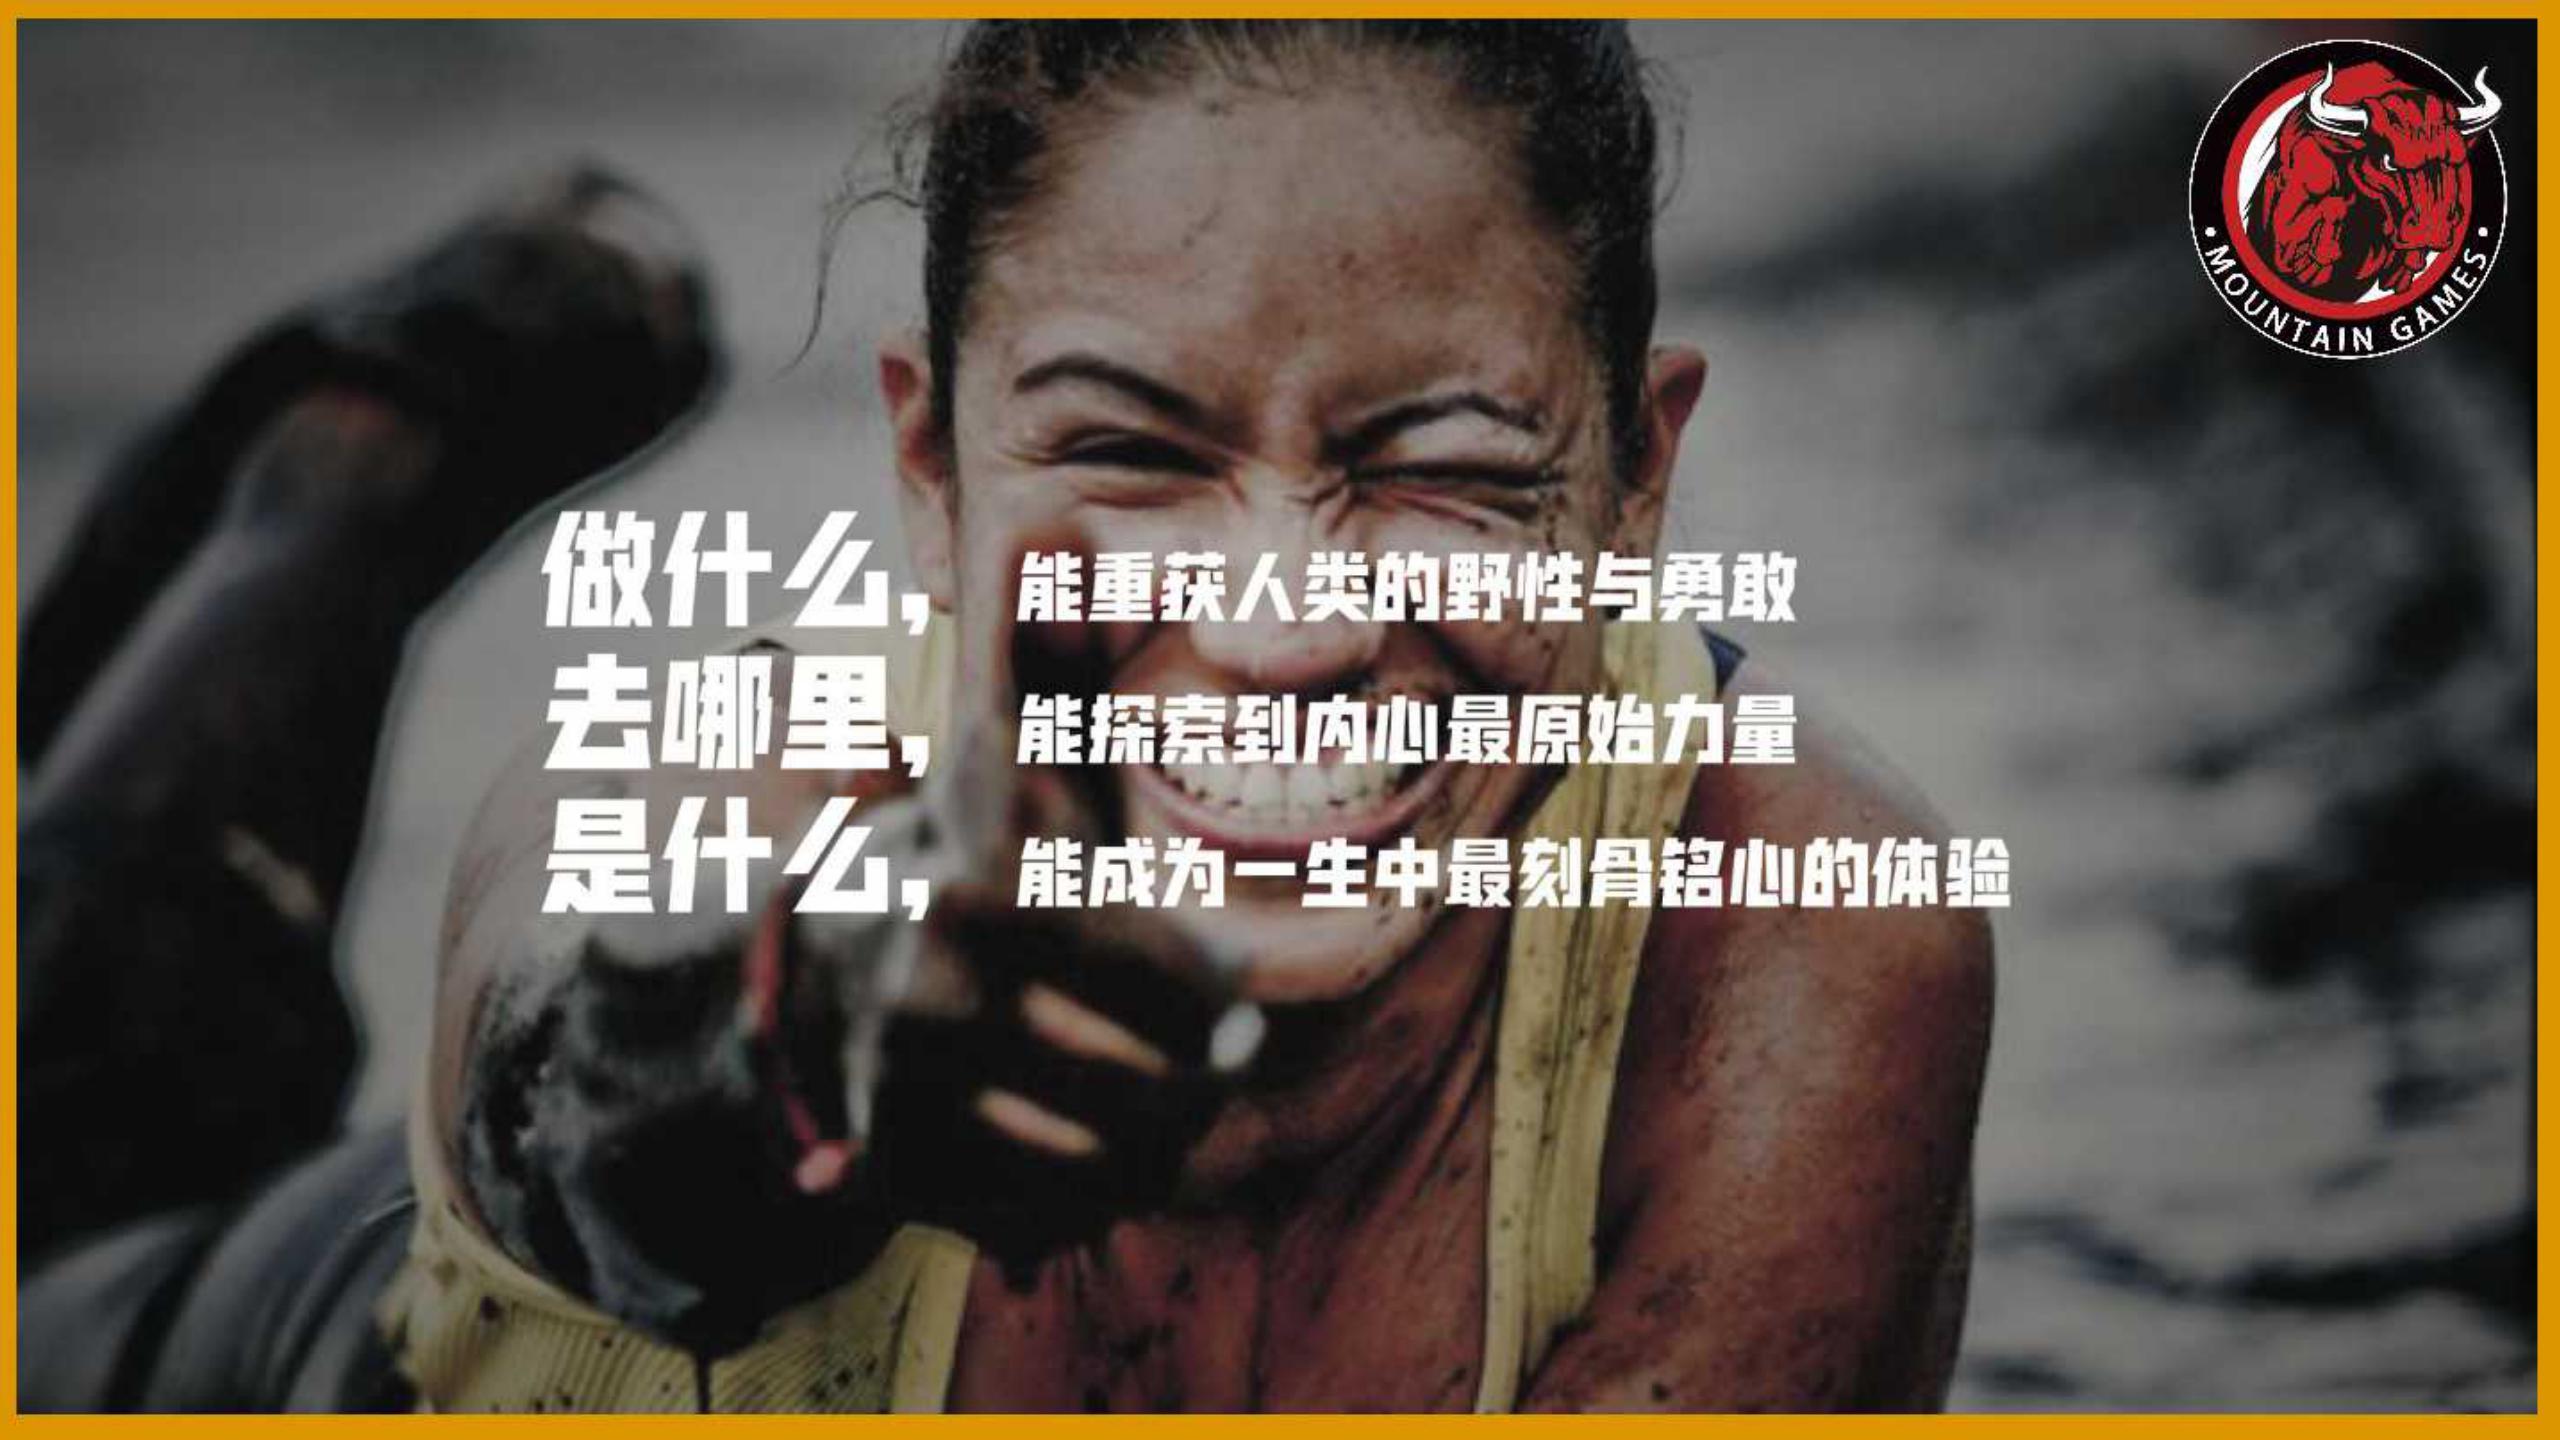 風之谷勇士挑戰賽toB端方案_02